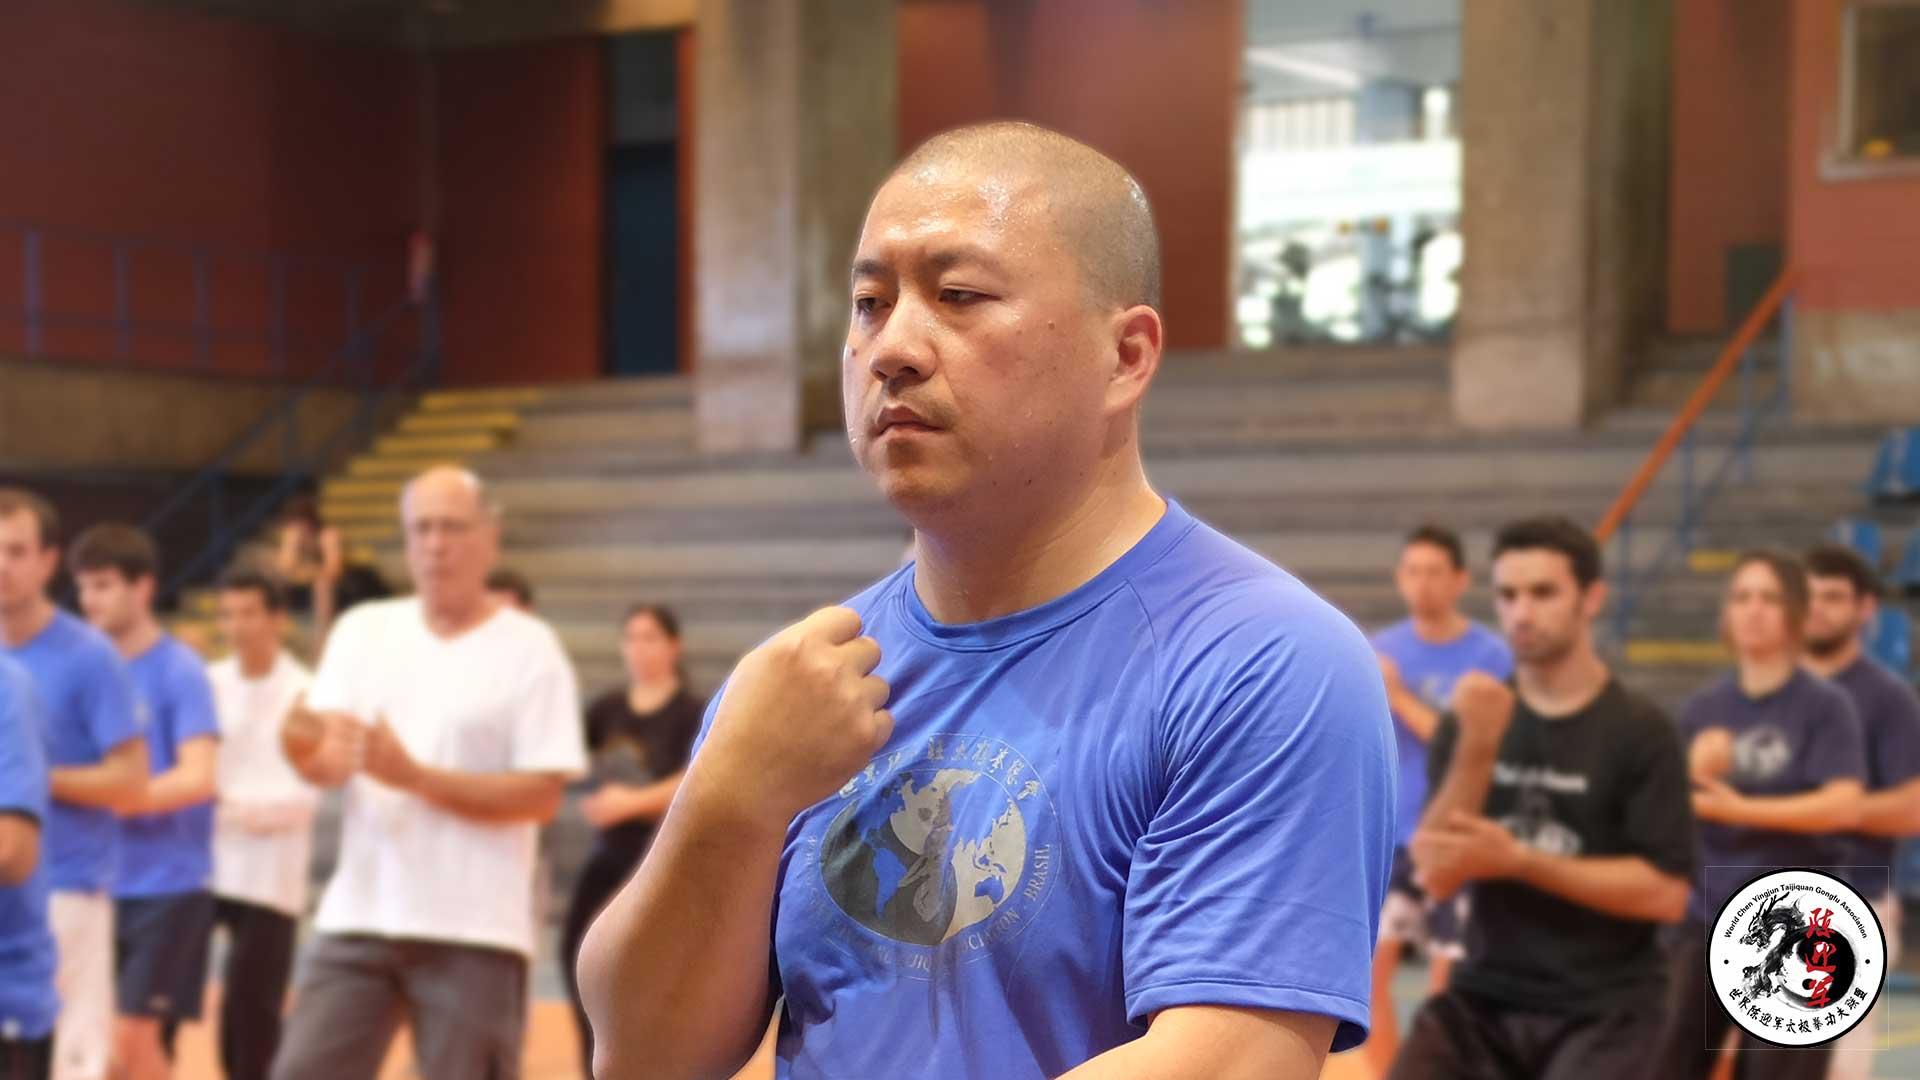 Tai Chi Chuan Master Chen Yingjun